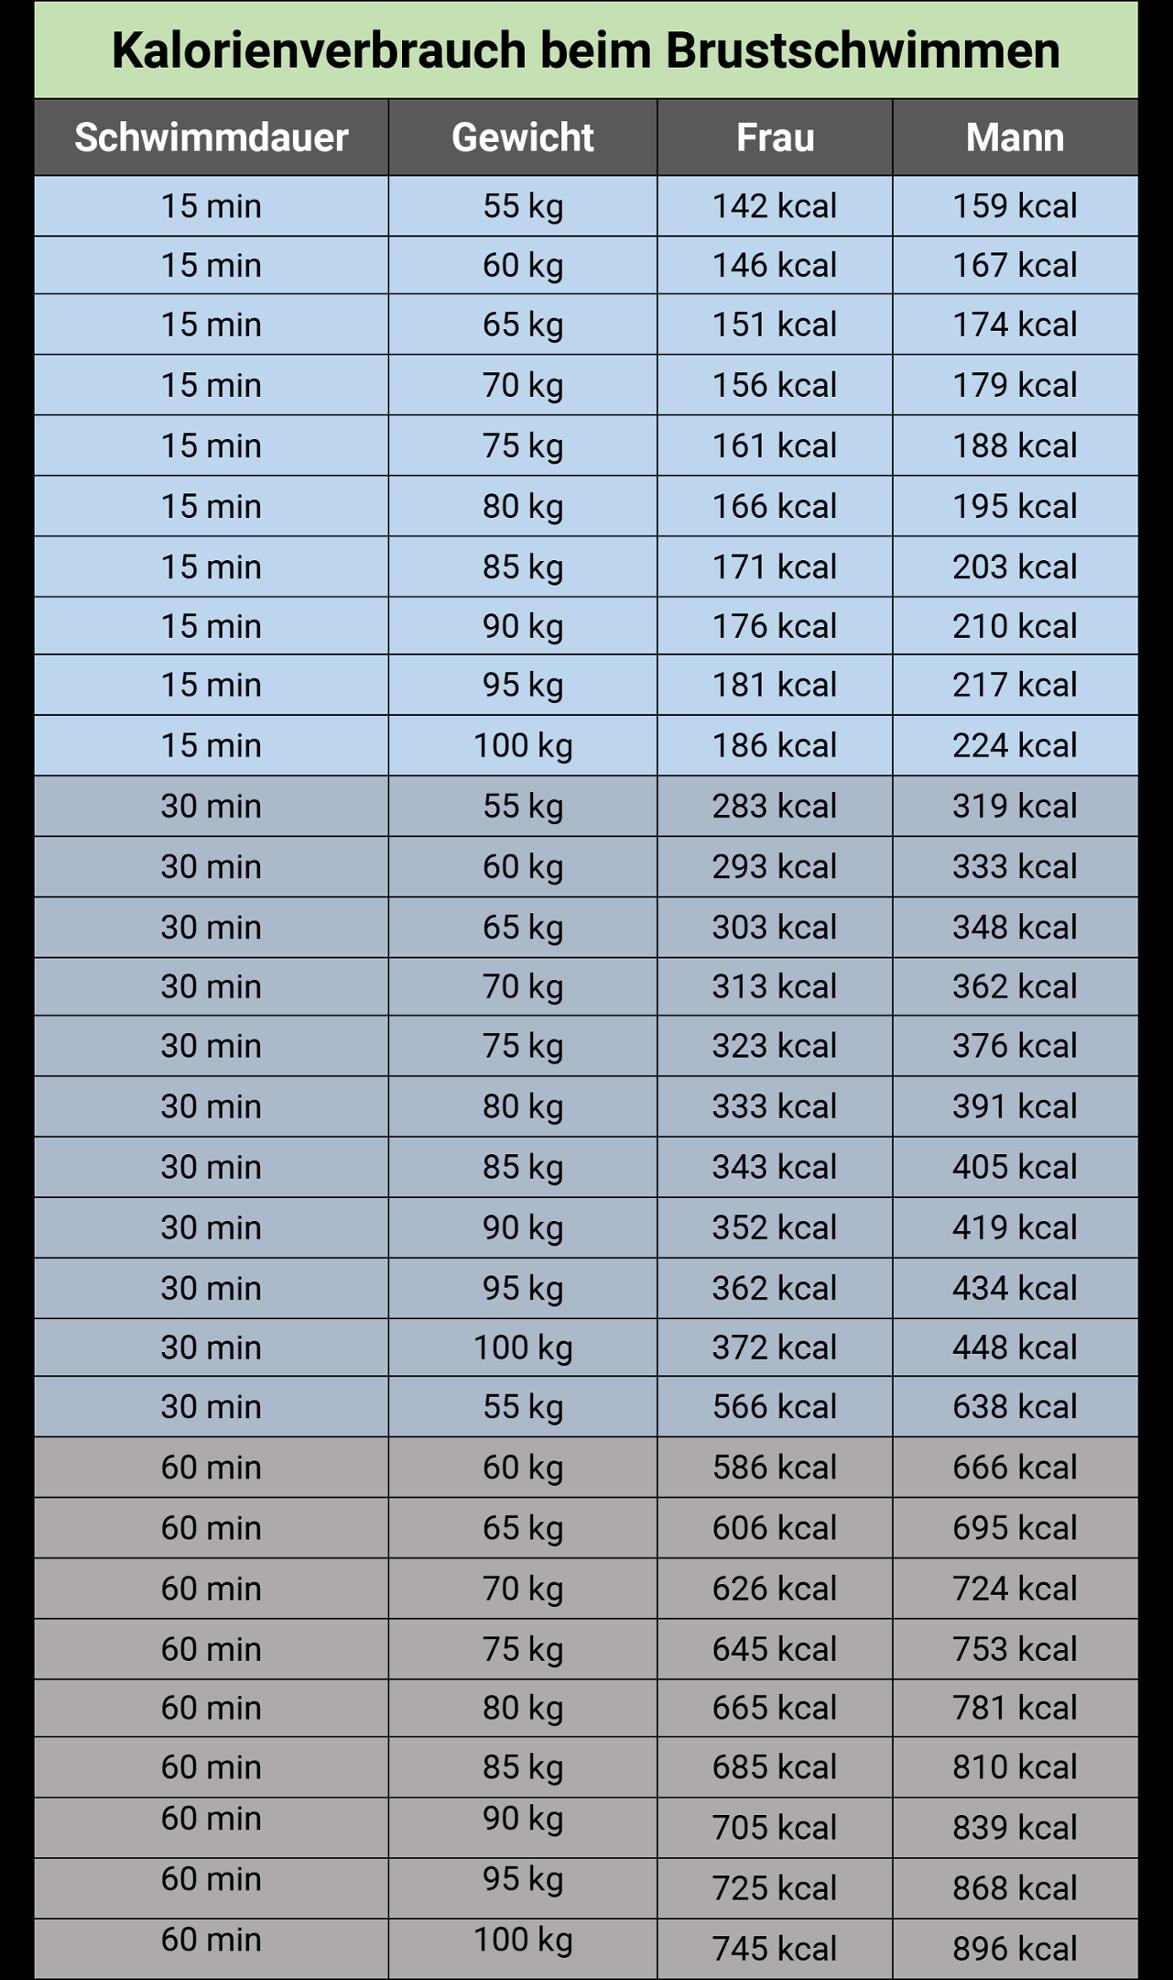 Kg frau 90 mg/kg to